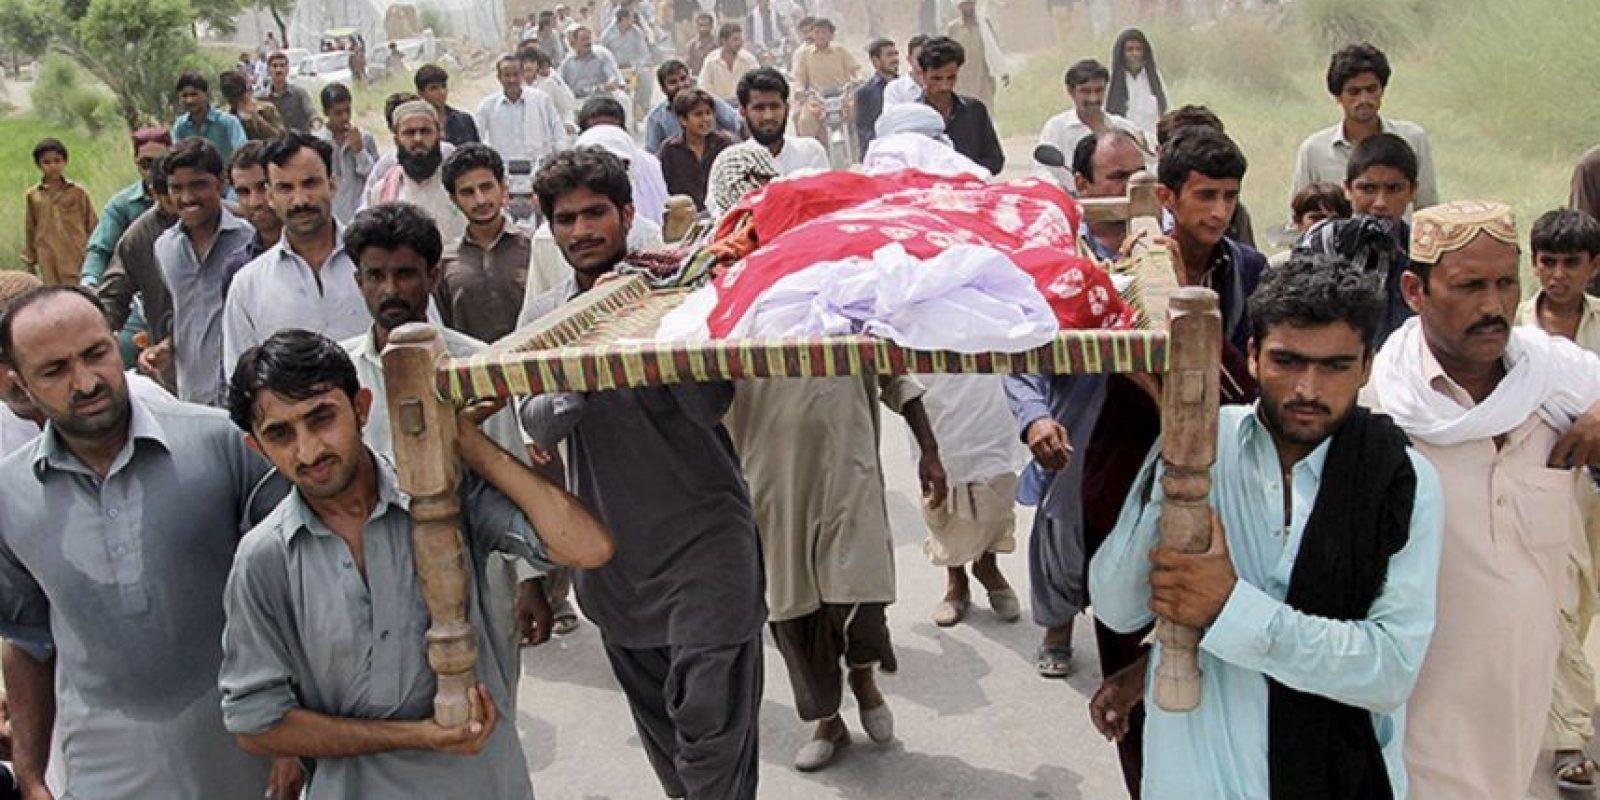 El momento del traslado del cuerpo de la estrella pakistaní. Foto:Getty Images